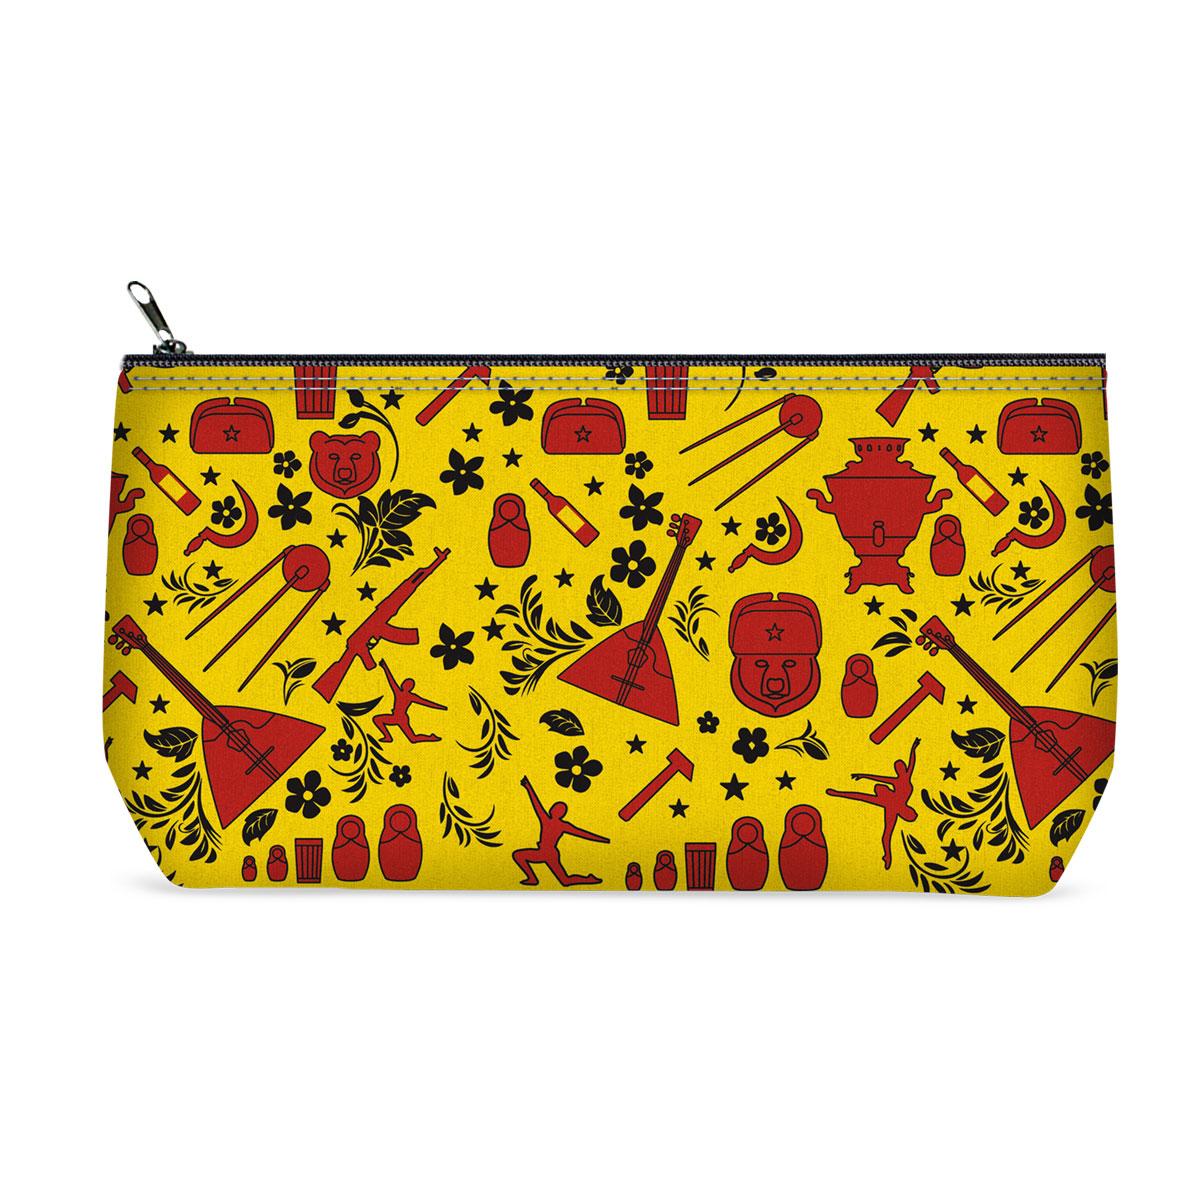 Косметичка ОРЗ-дизайн Russsian, цвет: желтый, черный, красный. Орз-0372INT-06501Косметичка Russsian - оригинальный и стильный аксессуар, который придется по душе истинным модникам и поклонникам интересного и необычного дизайна.Качественная сумочка выполнена из прочного текстиля, который надежно защитит ваши вещи от пыли и влаги, и оформлена оригинальным принтом с российской атрибутикой. Рисунок нанесён специальным образом и защищён от стирания. Изделие идеально подходит для хранения косметики, таблеток, украшений, ключей, зарядных устройств, мобильного телефона или документов. Простая, но в то же время стильная косметичка определенно выделит своего обладателя из толпы и непременно поднимет настроение. А яркий современный дизайн, который является основной фишкой данной модели, будет радовать глаз.